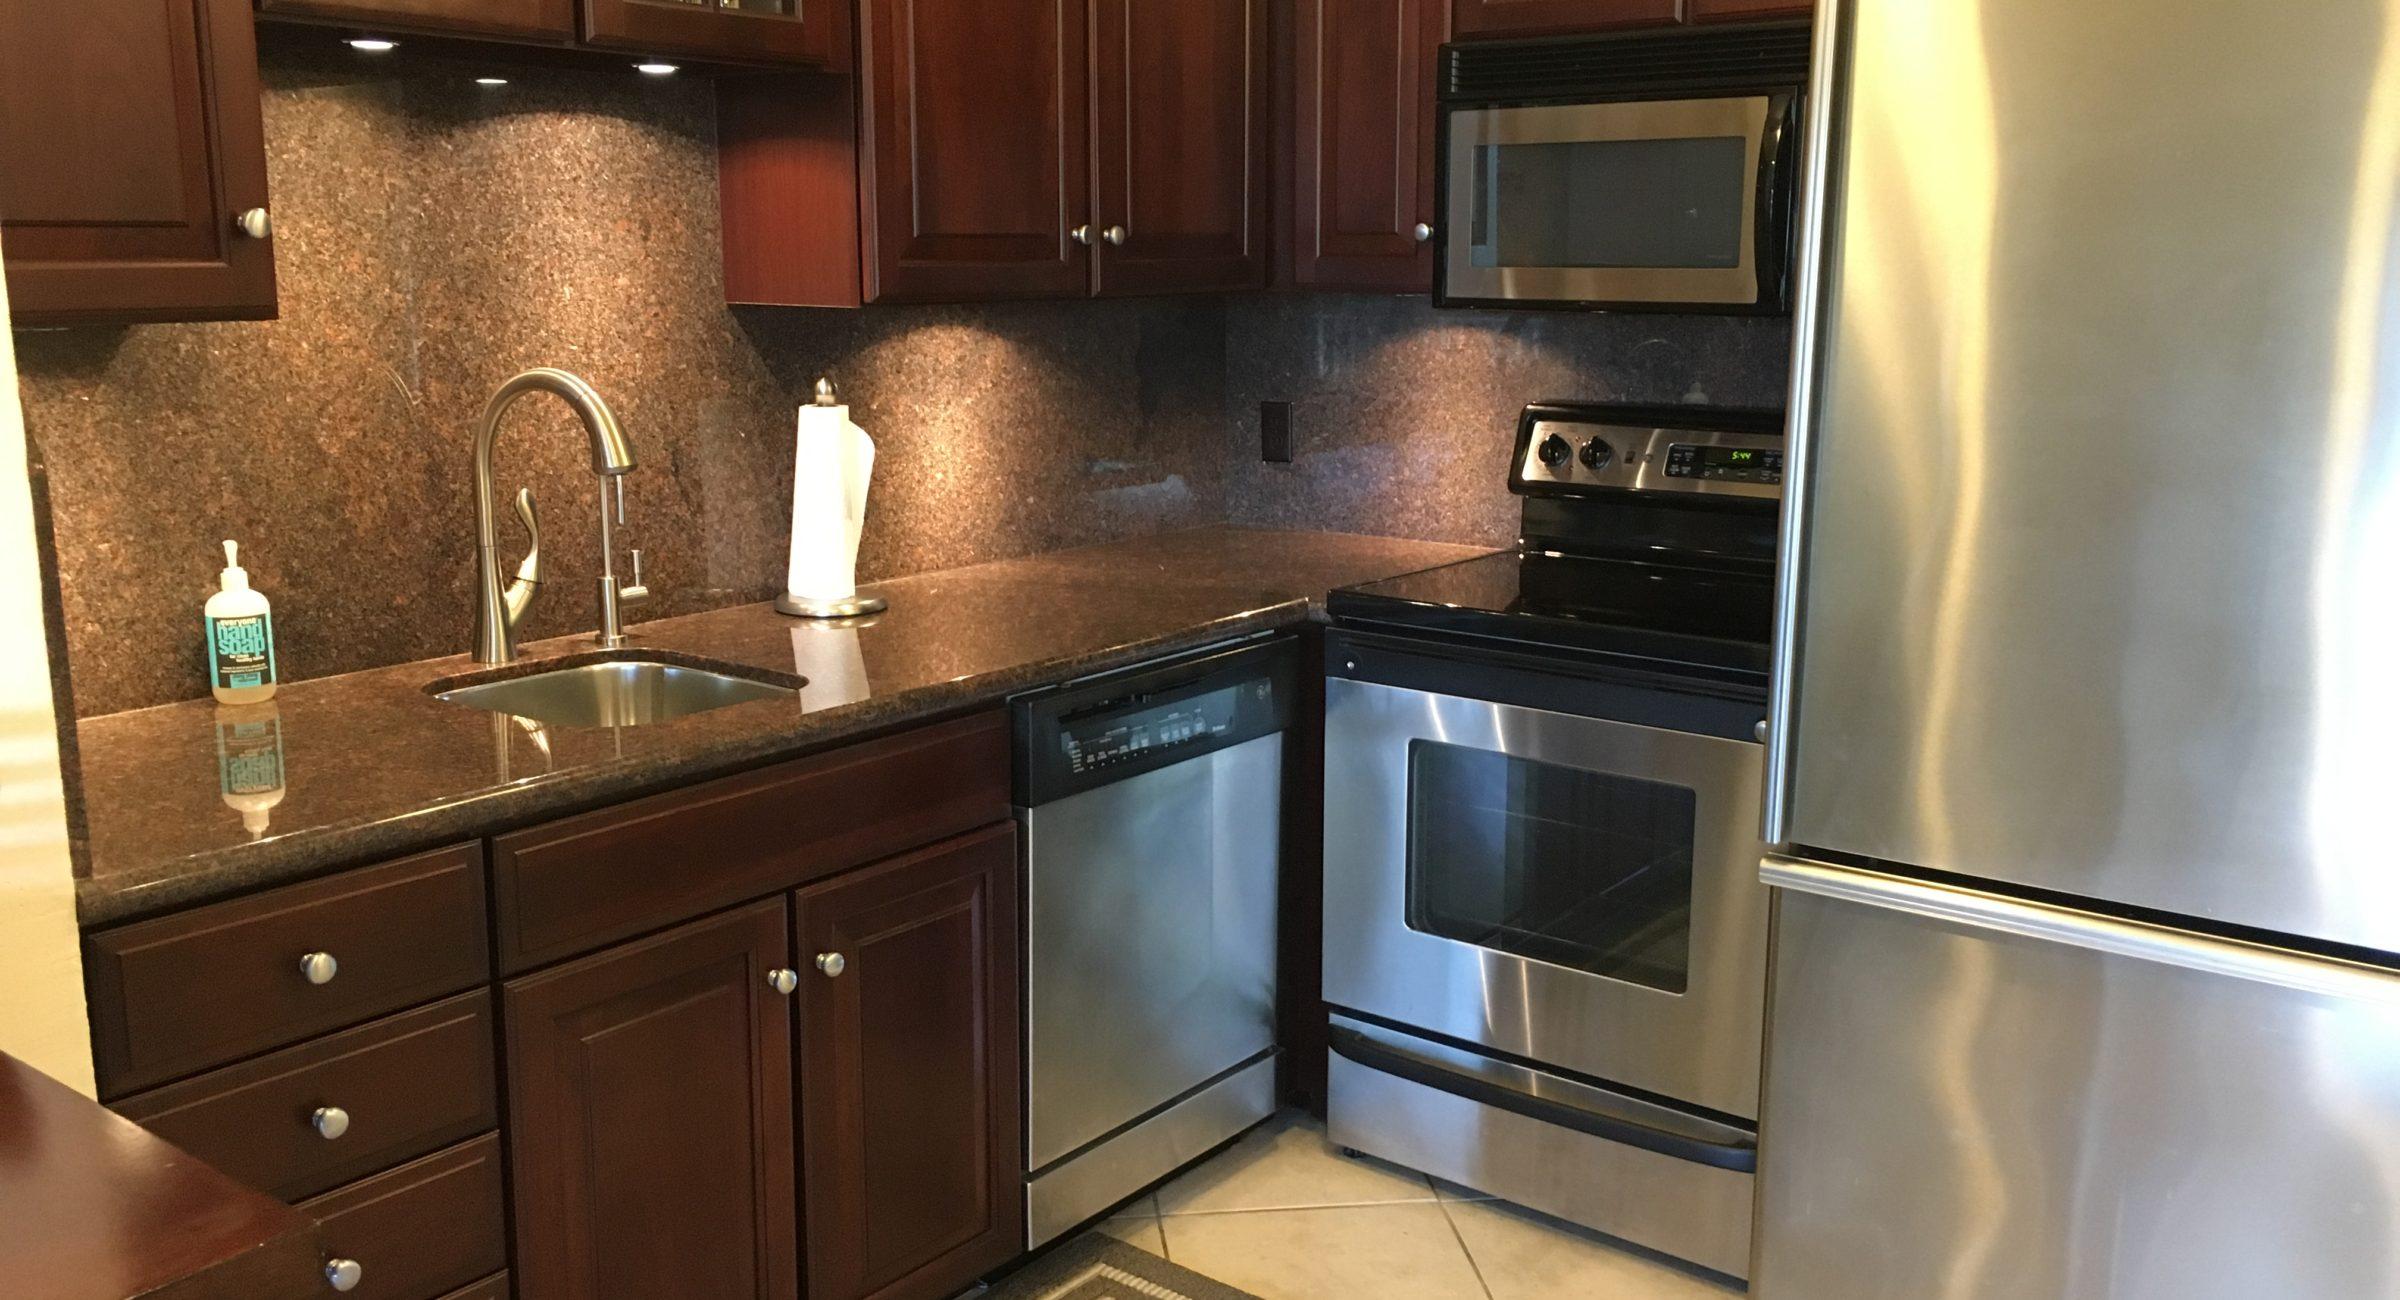 Unit 14 - Updated Kitchen